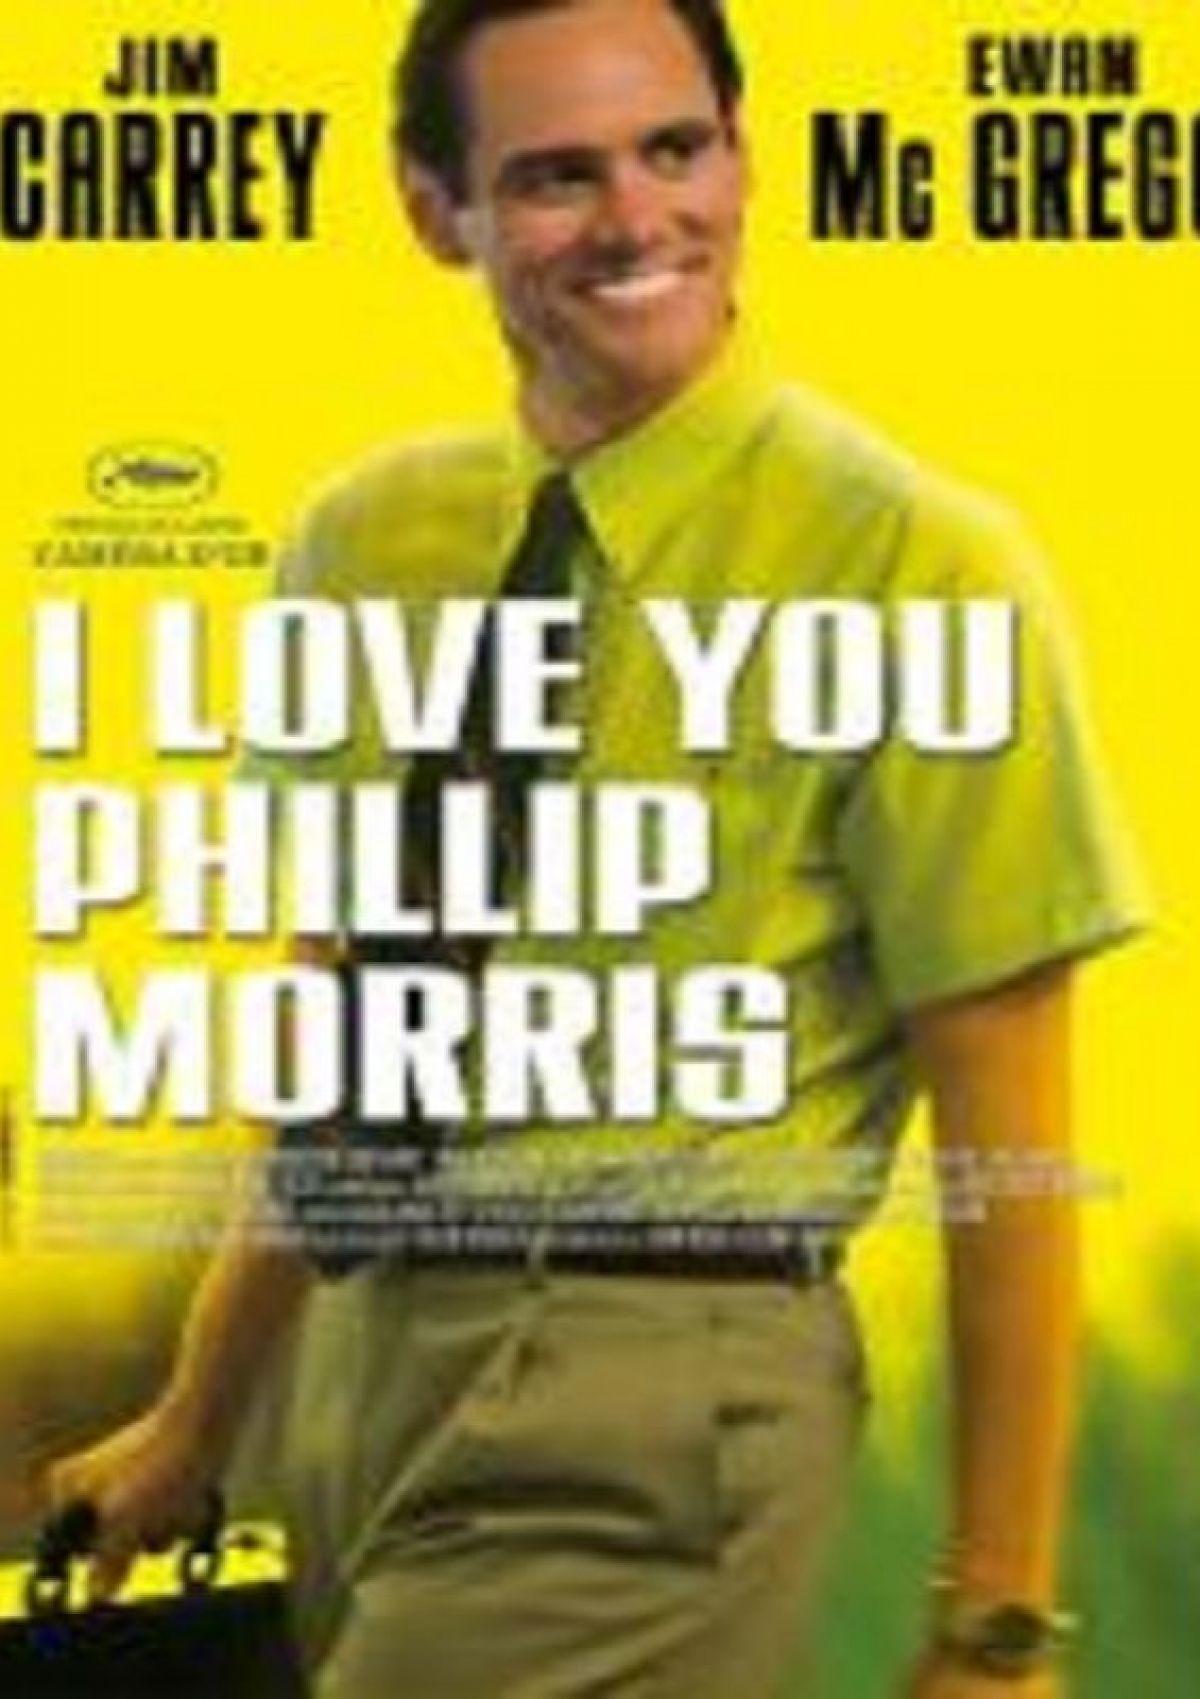 Te quiero Philips Morris